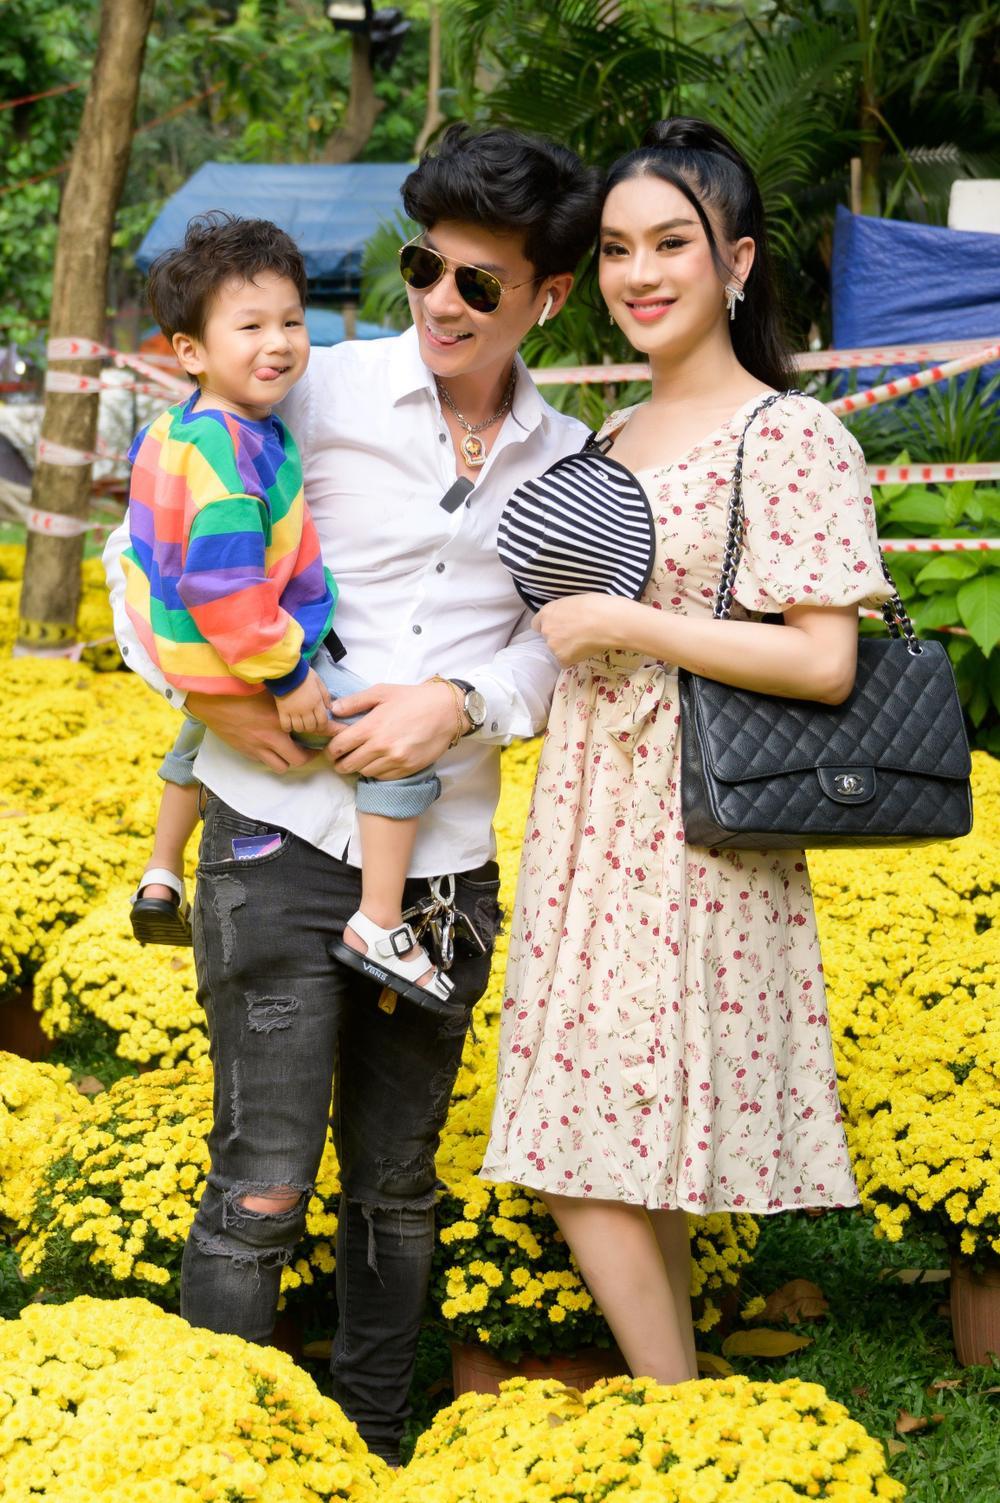 Lâm Khánh Chi cùng ông xã và con trai cưng đi chợ hoa, chia sẻ được gia đình nội - ngoại lo Tết chu toàn Ảnh 7